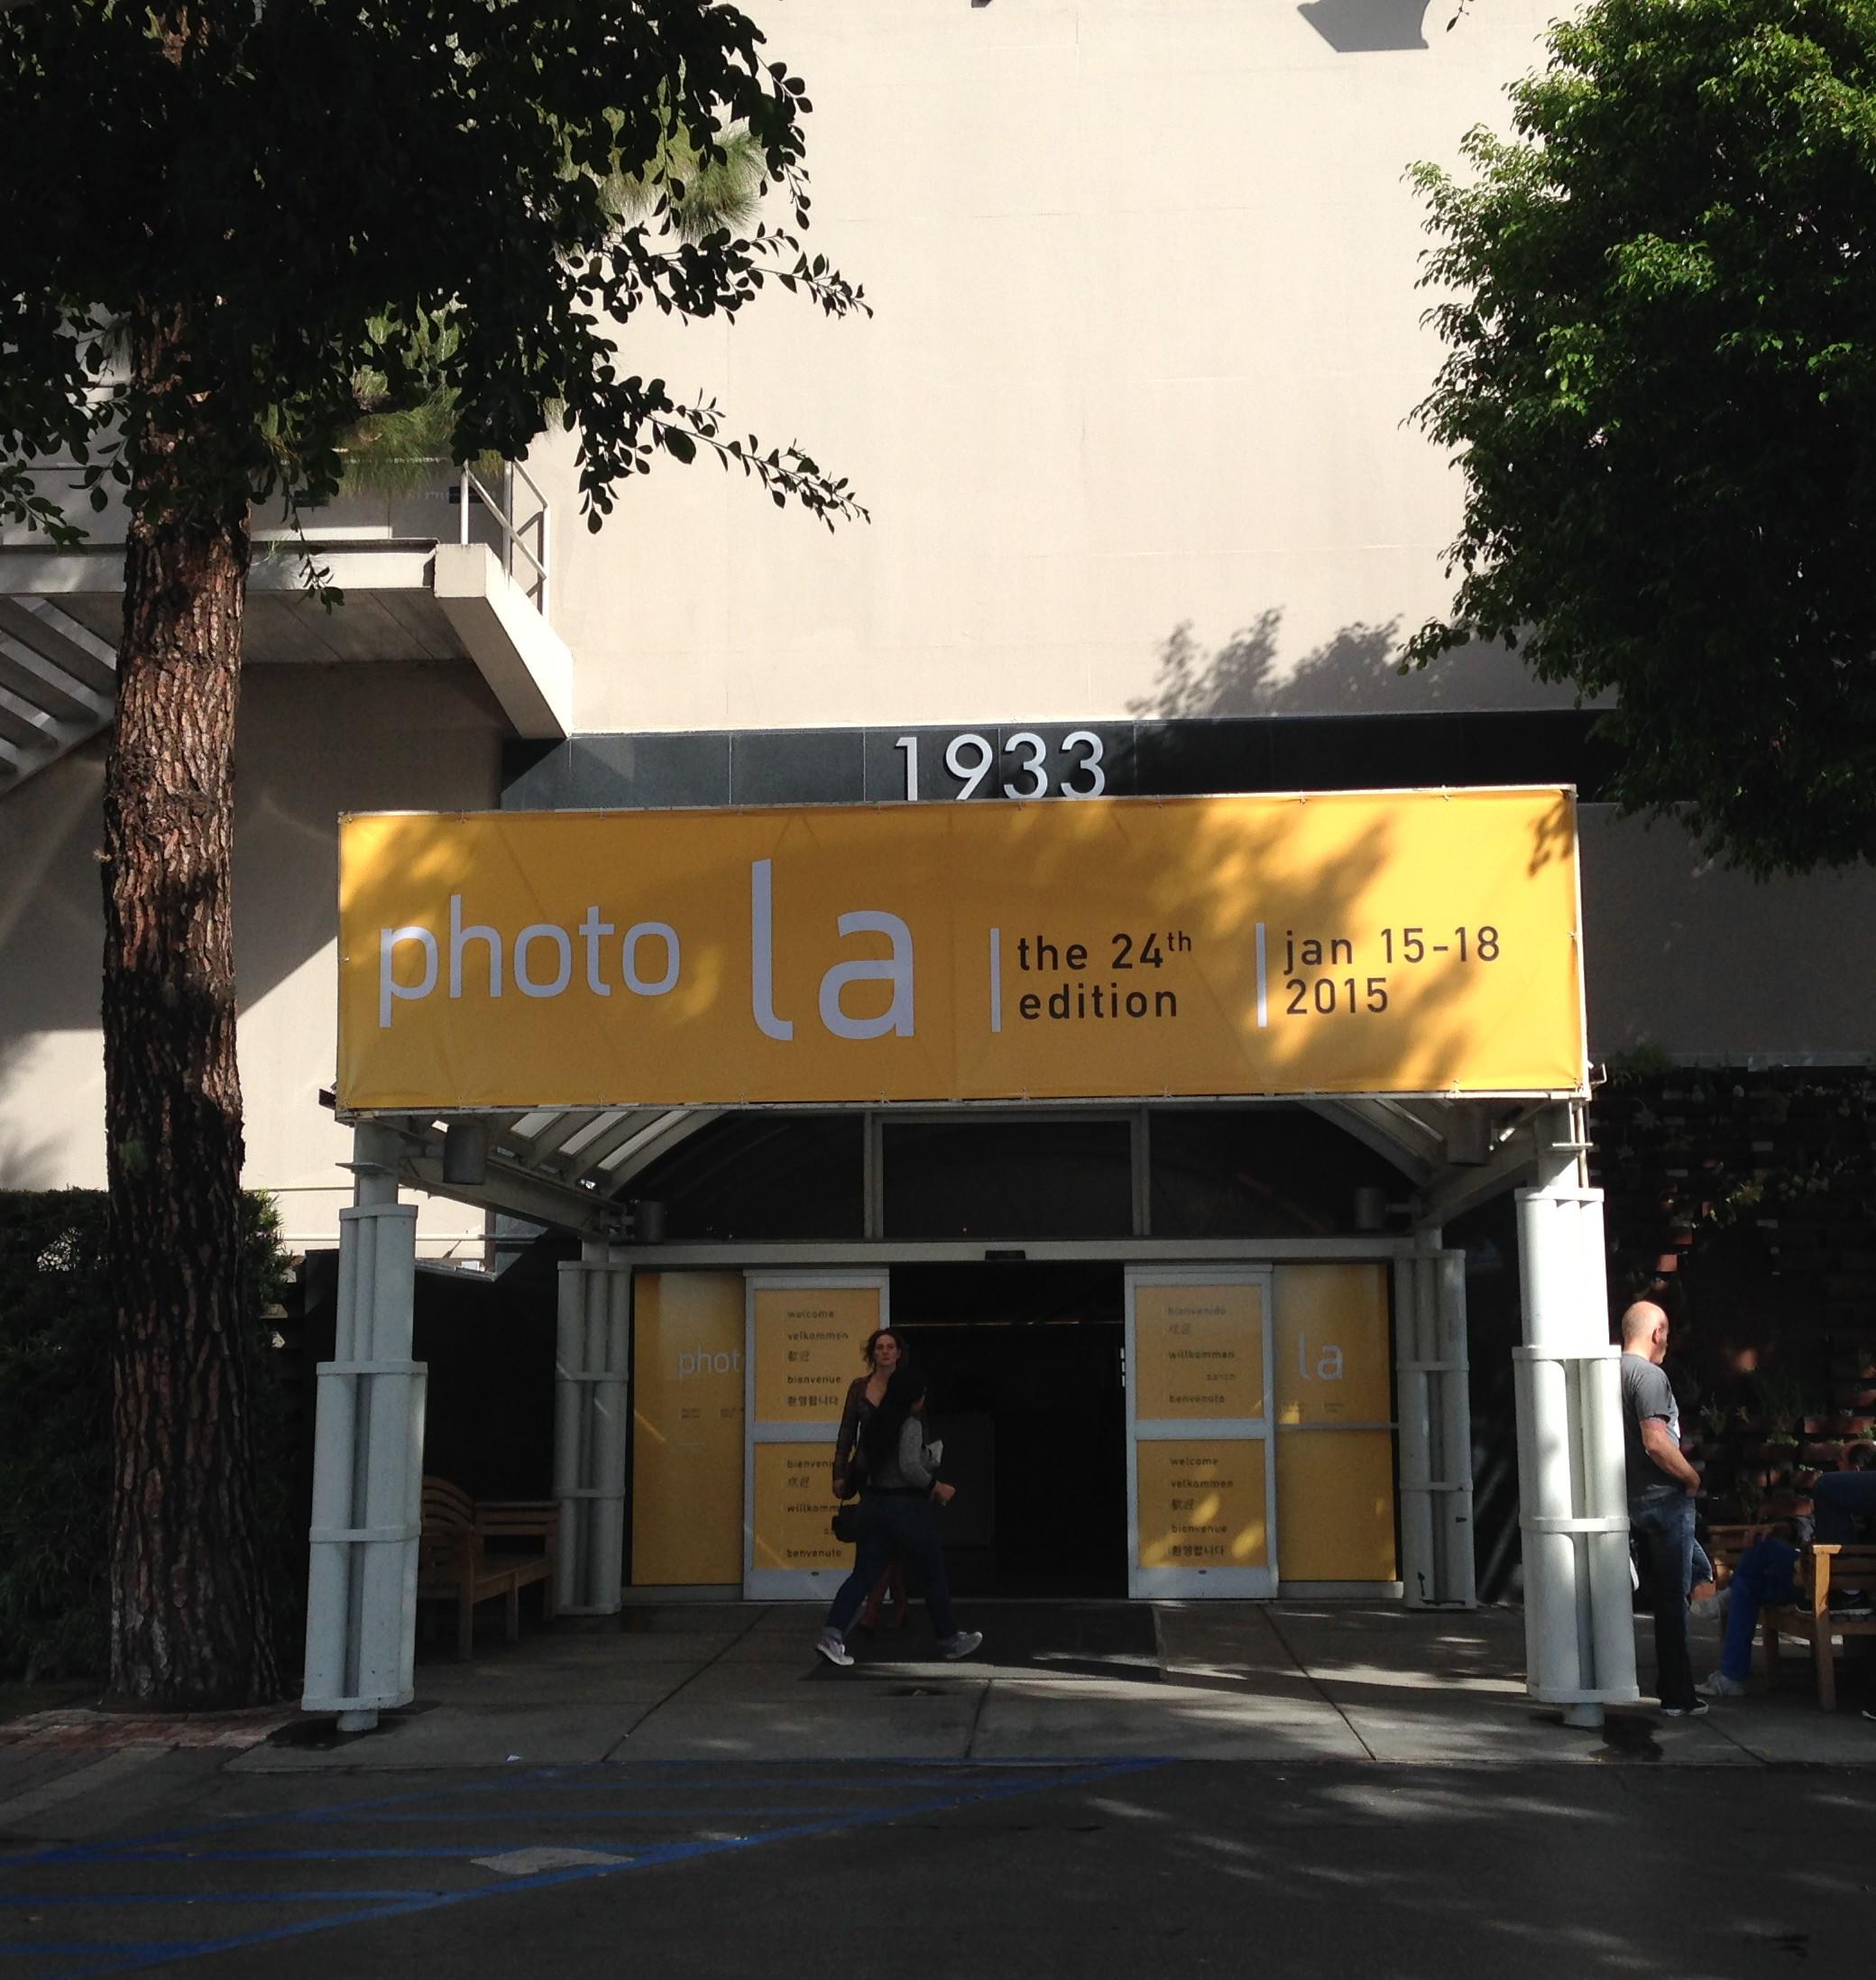 photo la entrance